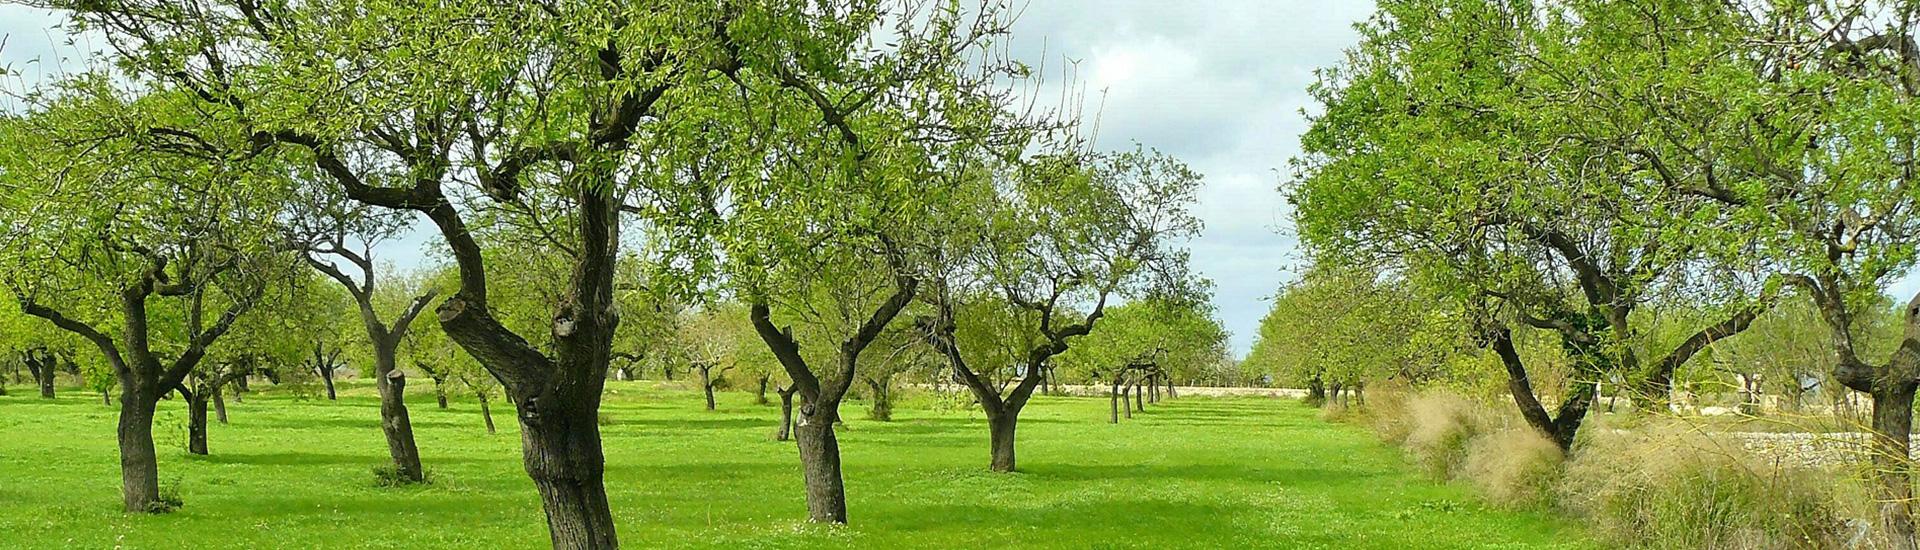 Piante Da Frutto Sempreverdi vendita di fiori e piante foligno | stagionali, da frutto